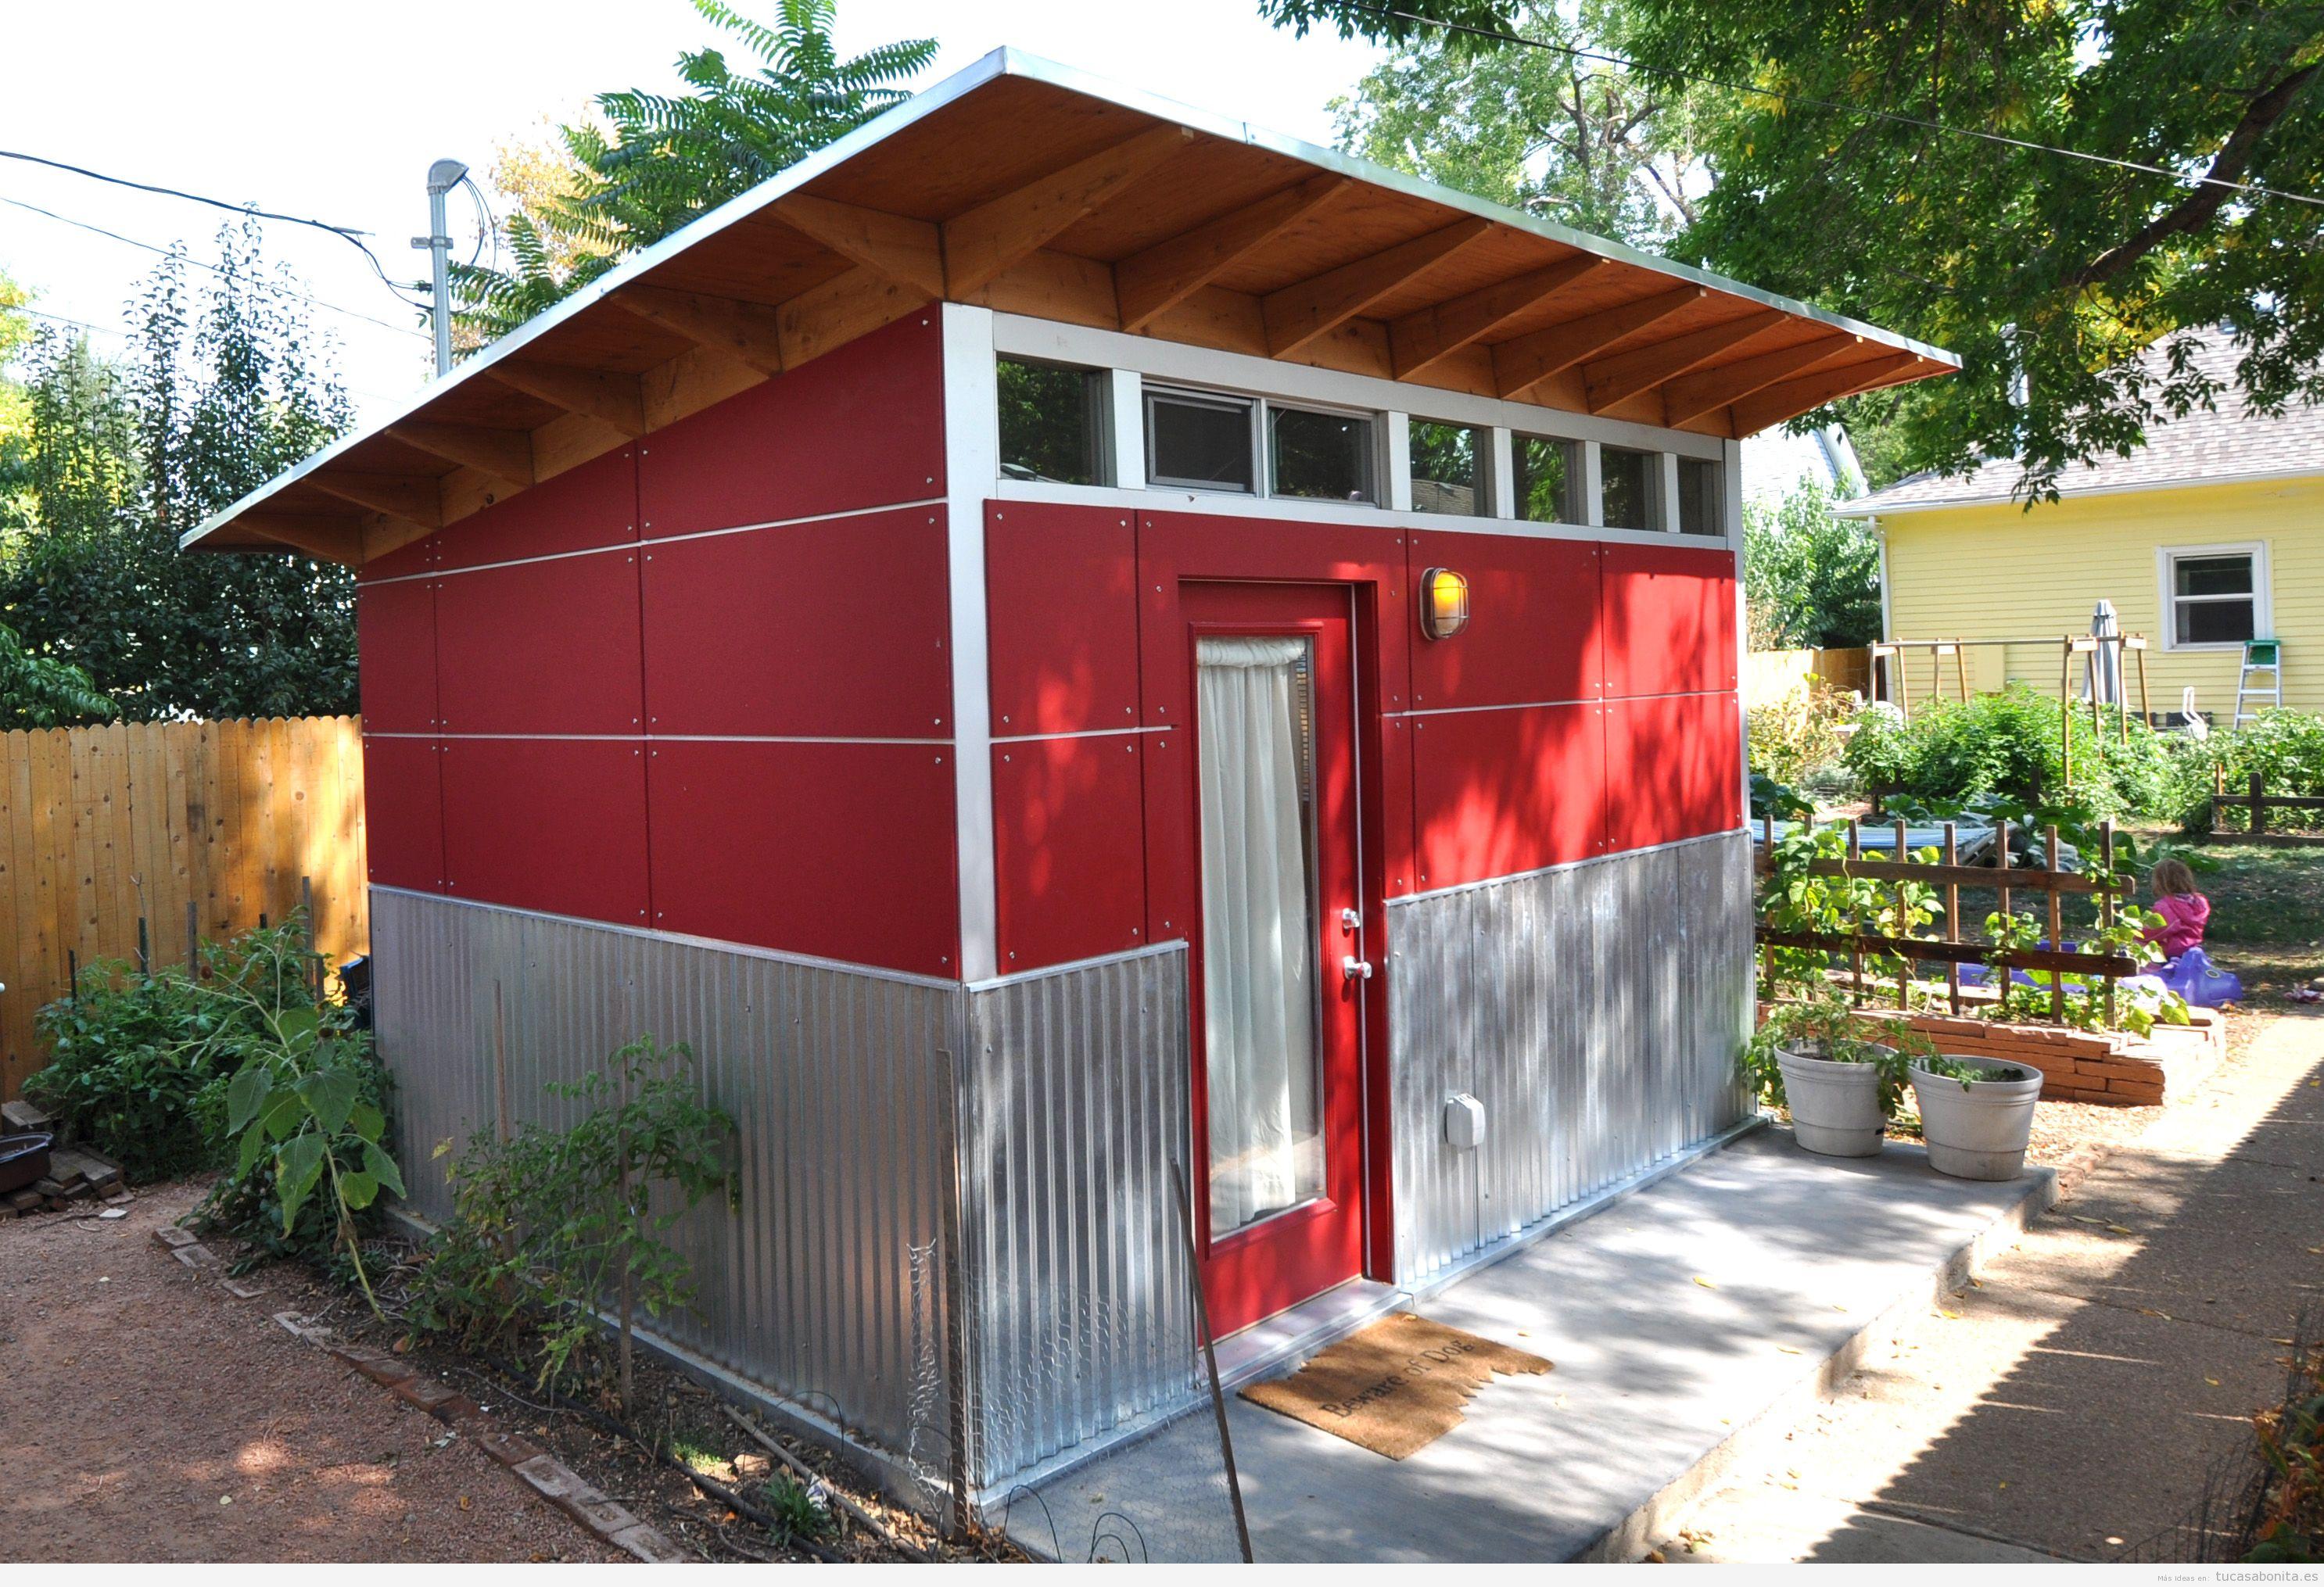 Bonitos cobertizos para el patio trasero o el jard n tu for Casetas pvc baratas